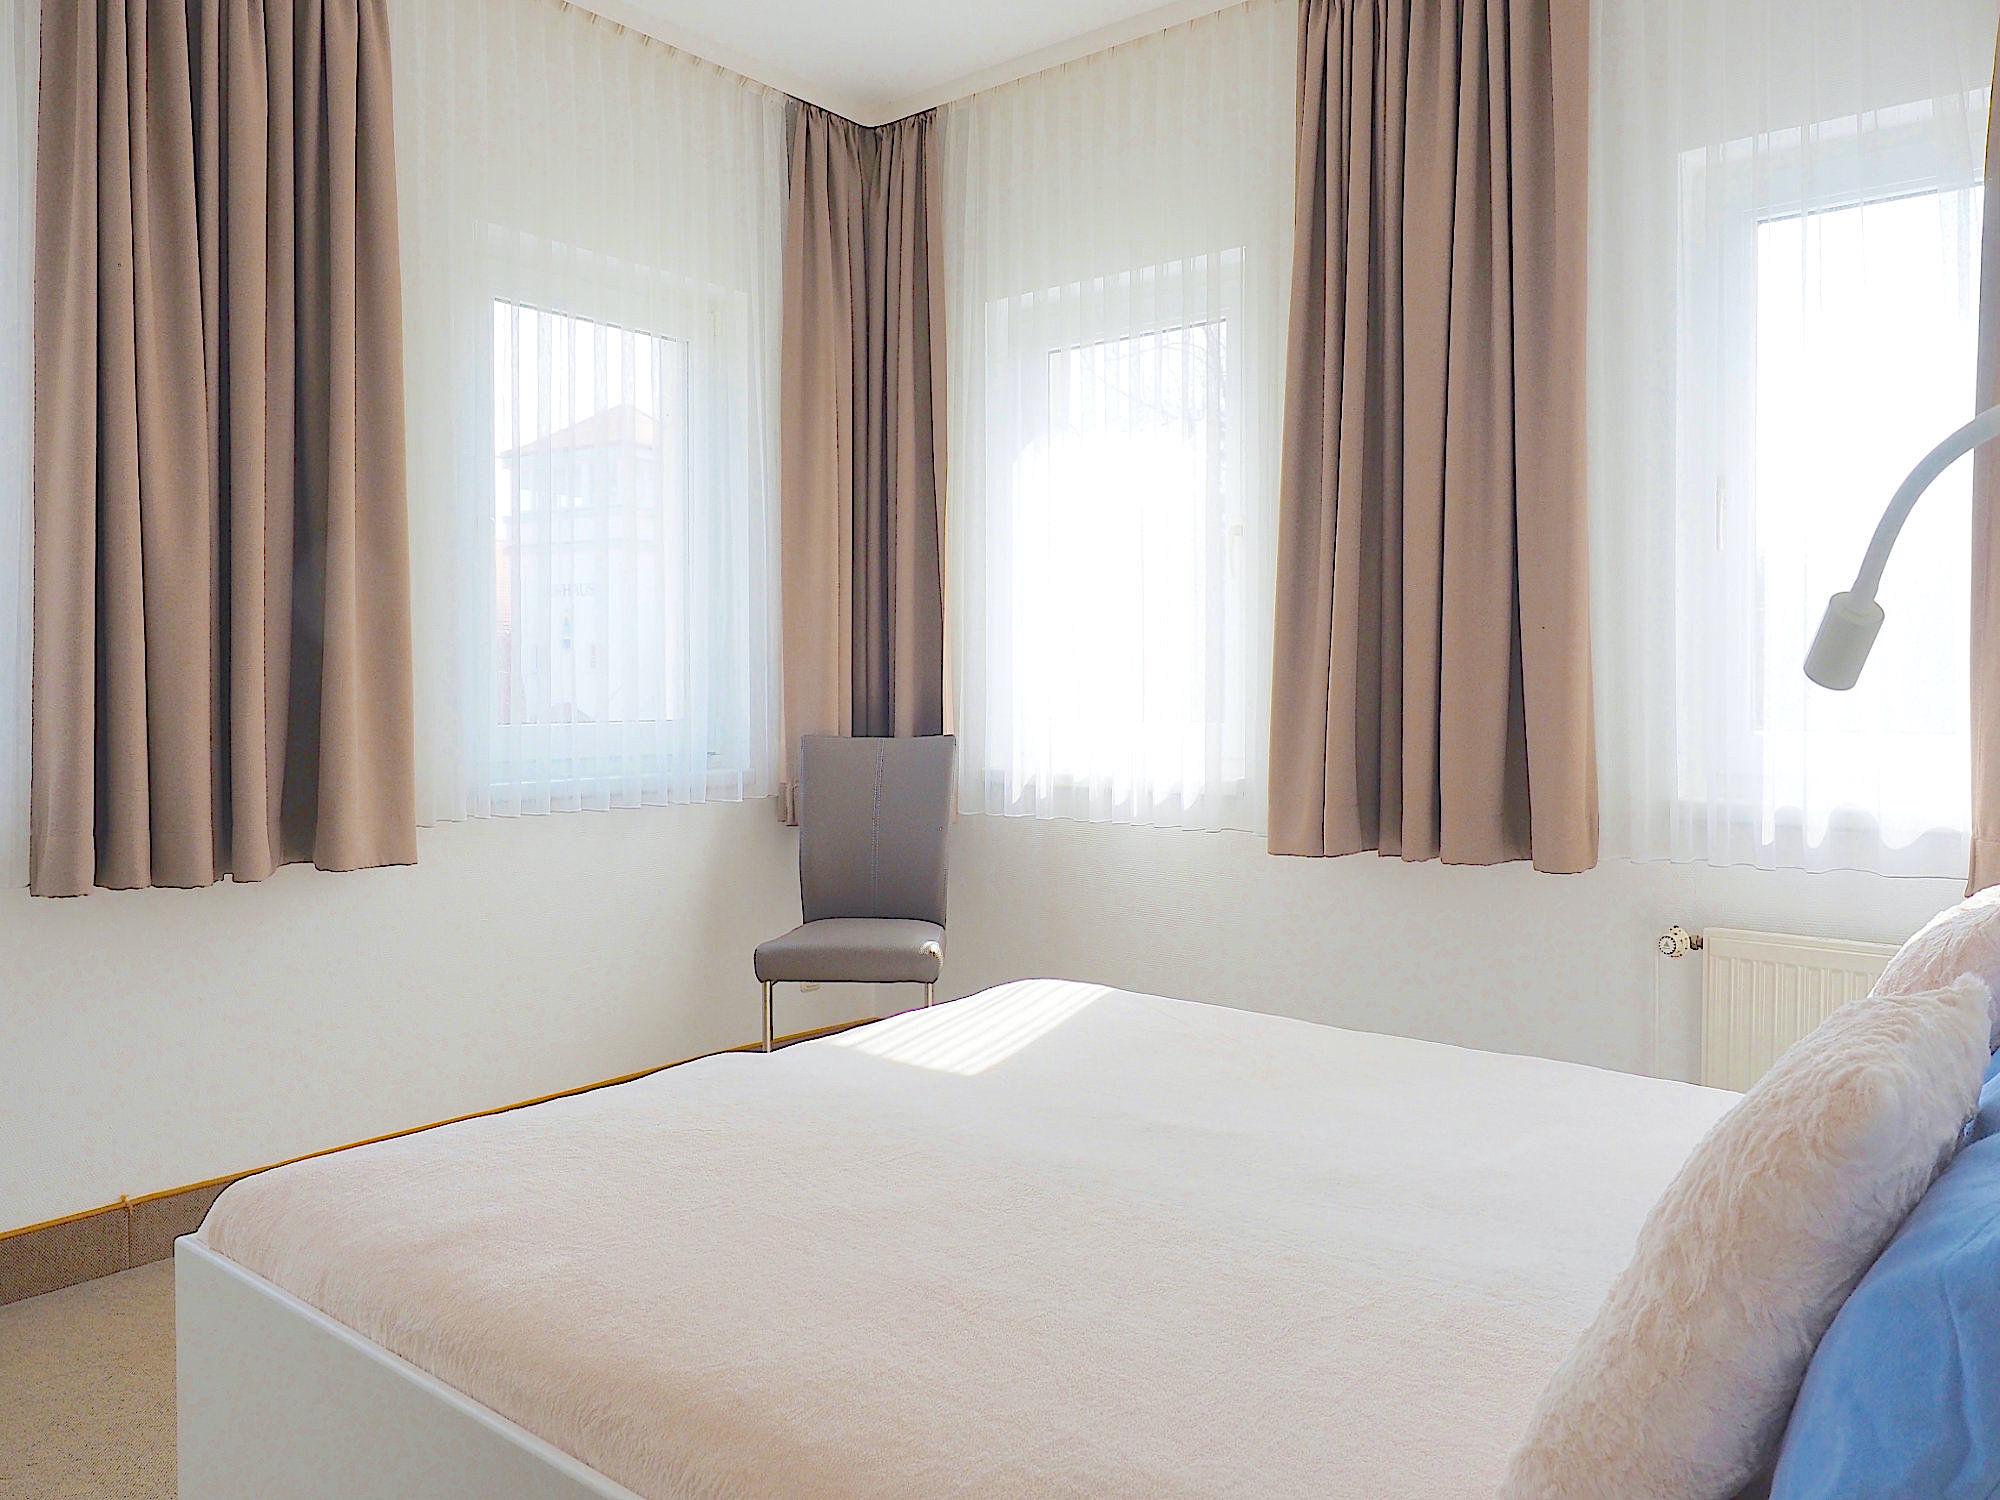 Schlafzimmer mit Doppelbett und Blick zu drei Fenstern